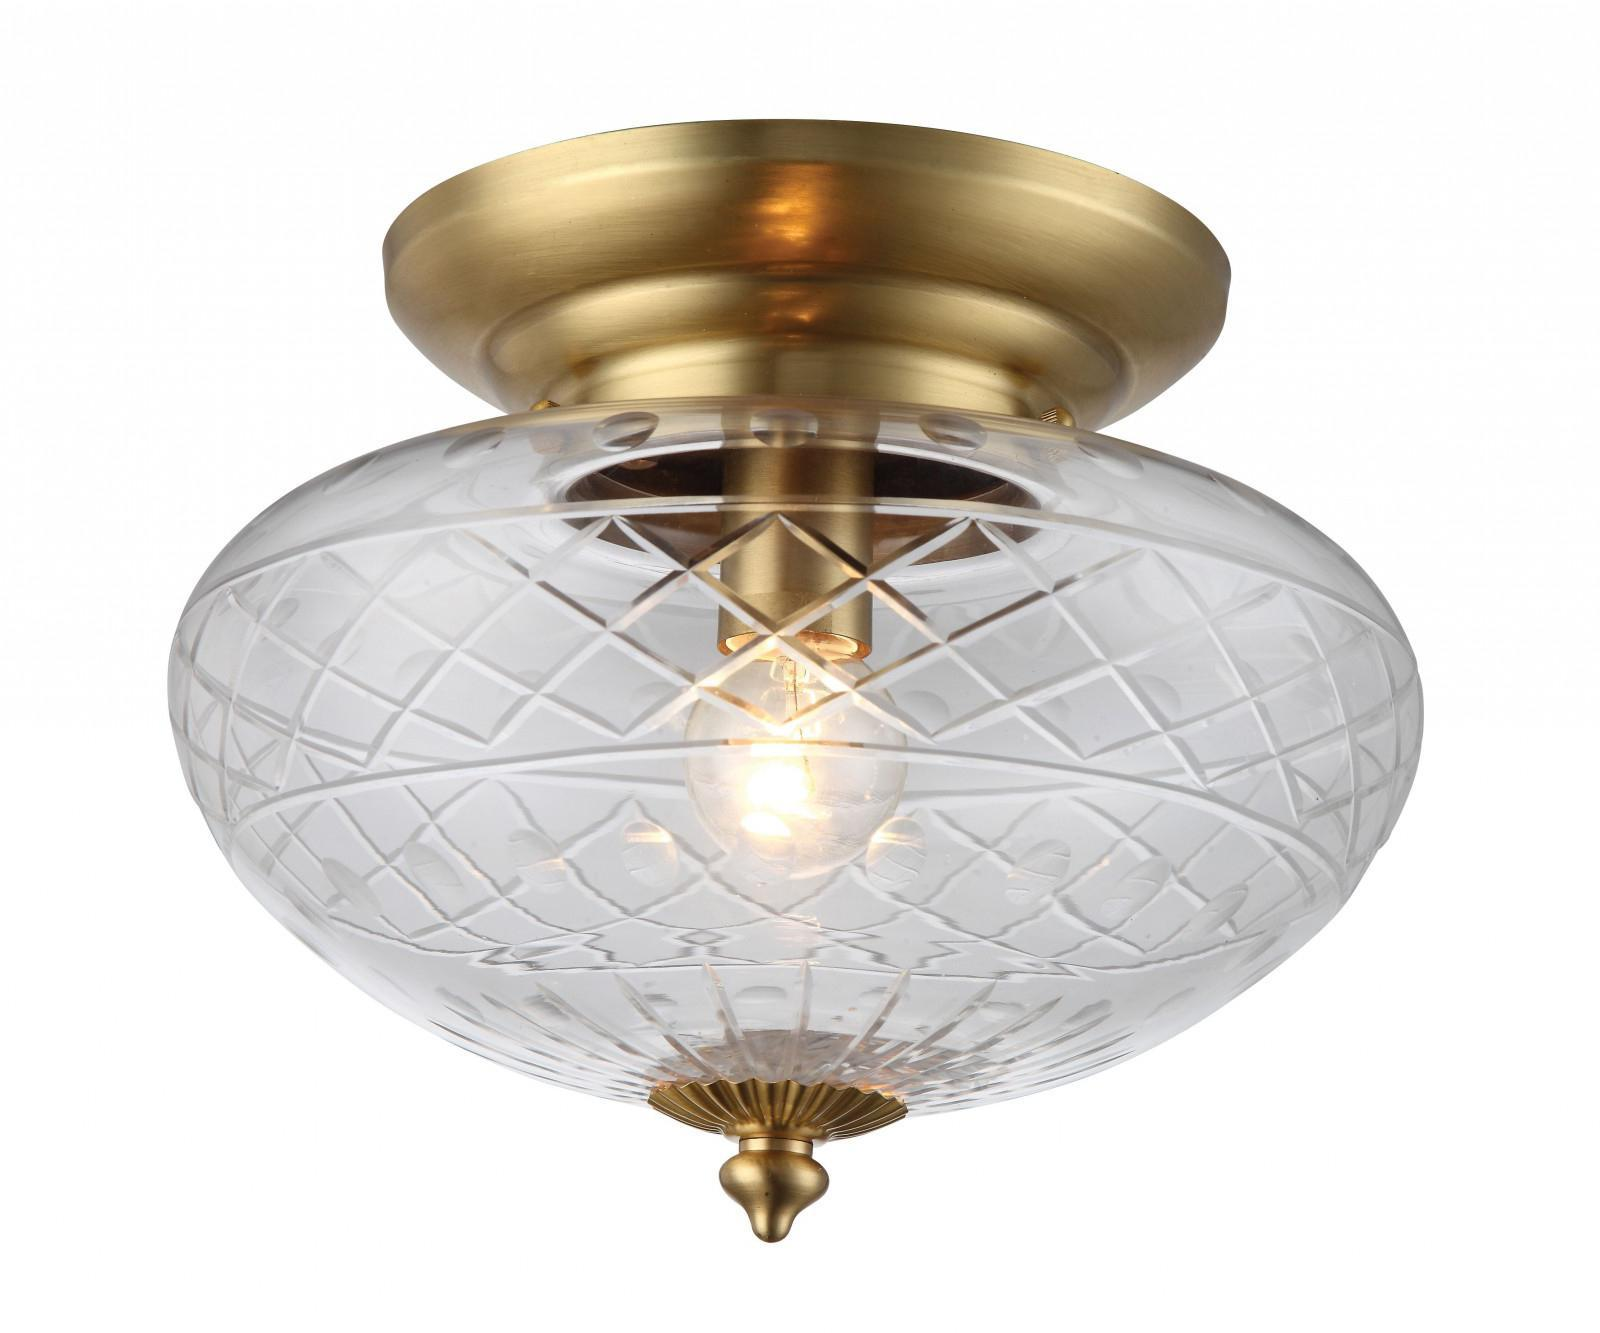 A2302PL-1PB FABERGE Потолочный светильник golub женская б876 2302